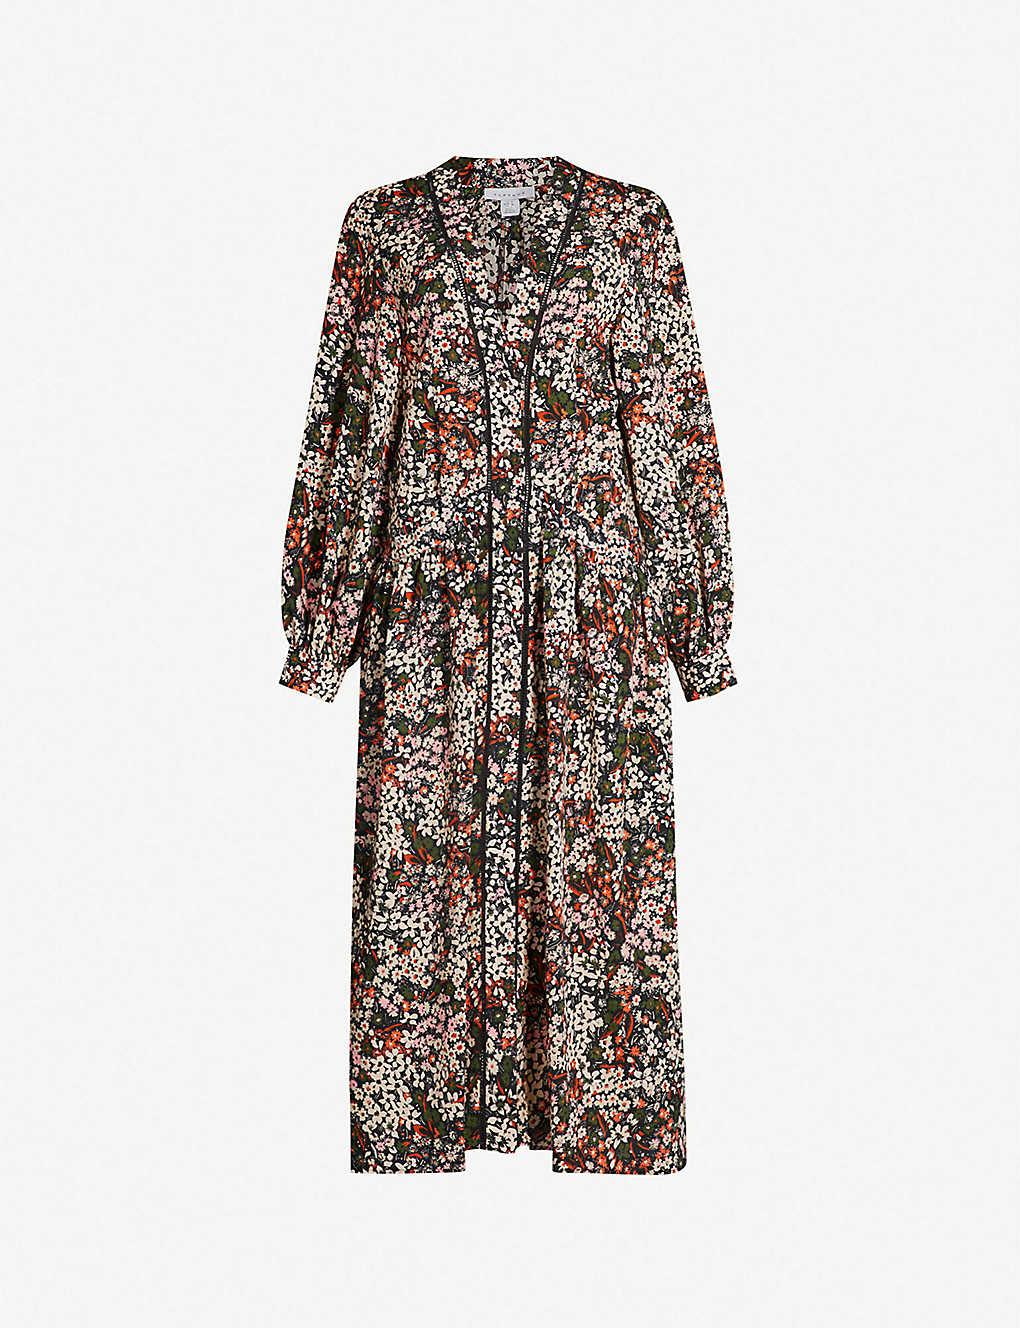 05d89d2fdd9d TOPSHOP - Ditsy floral-print crepe smock dress | Selfridges.com